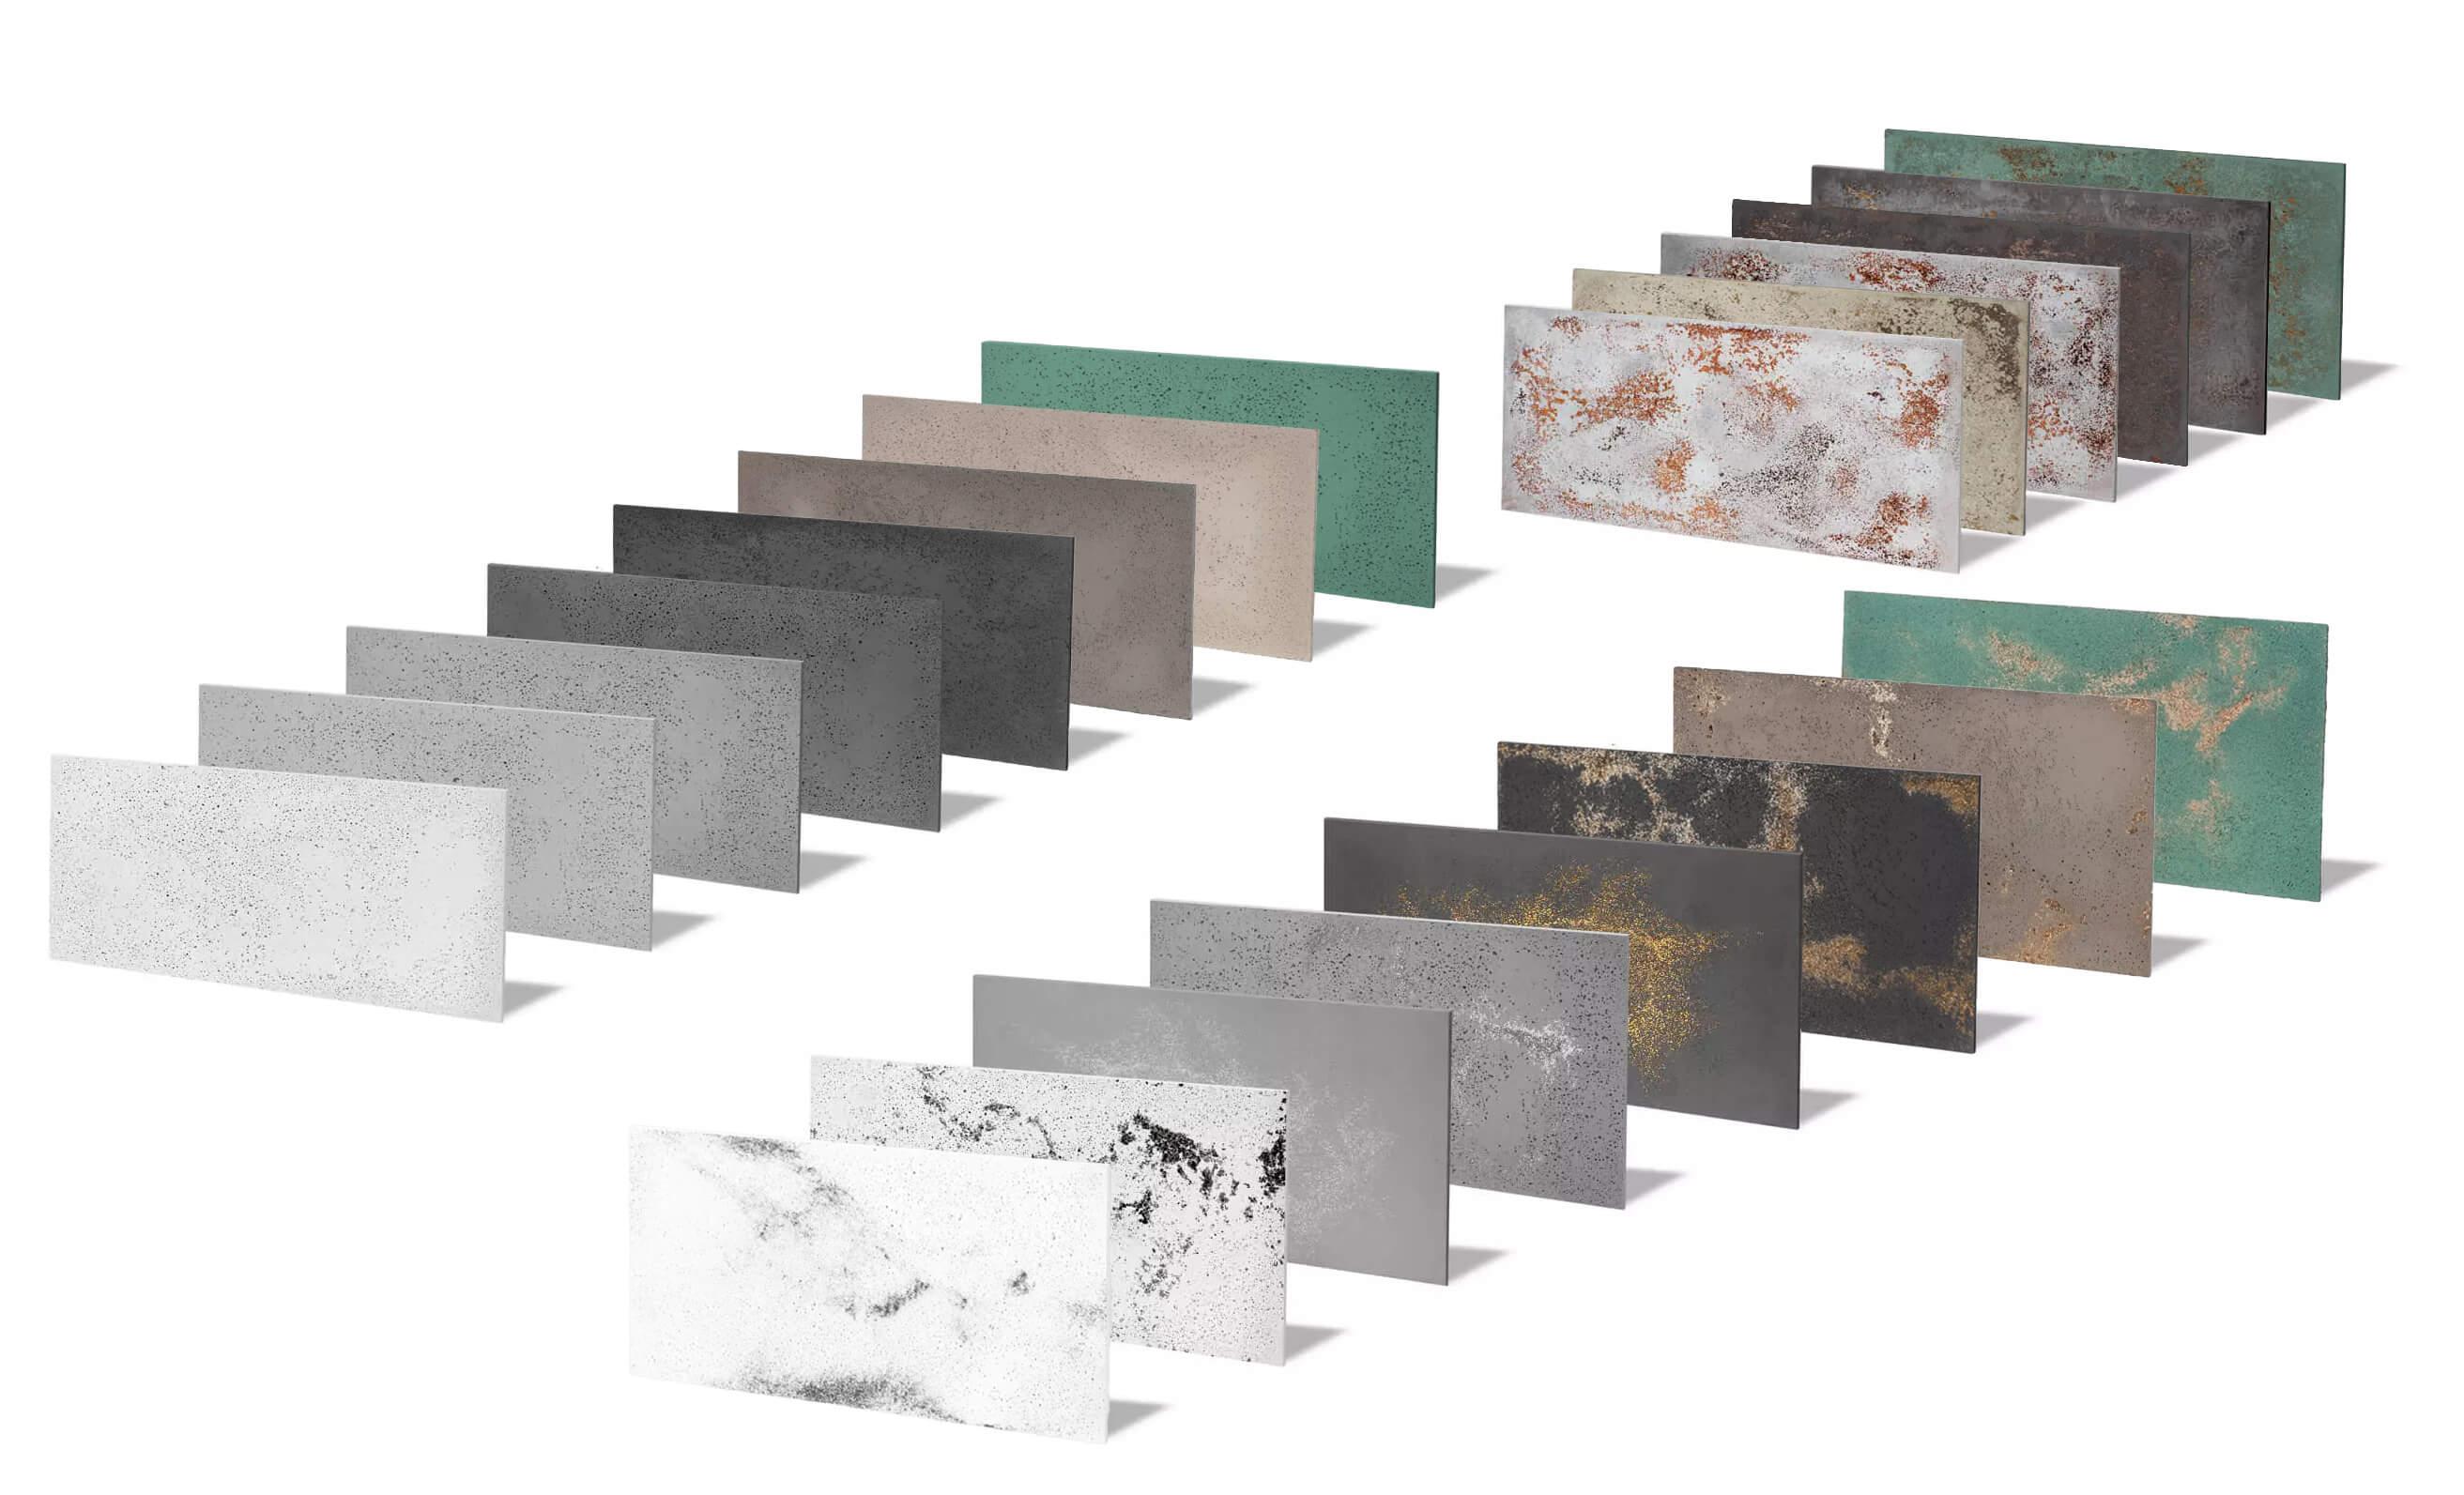 płyta beton architektoniczny seria ds